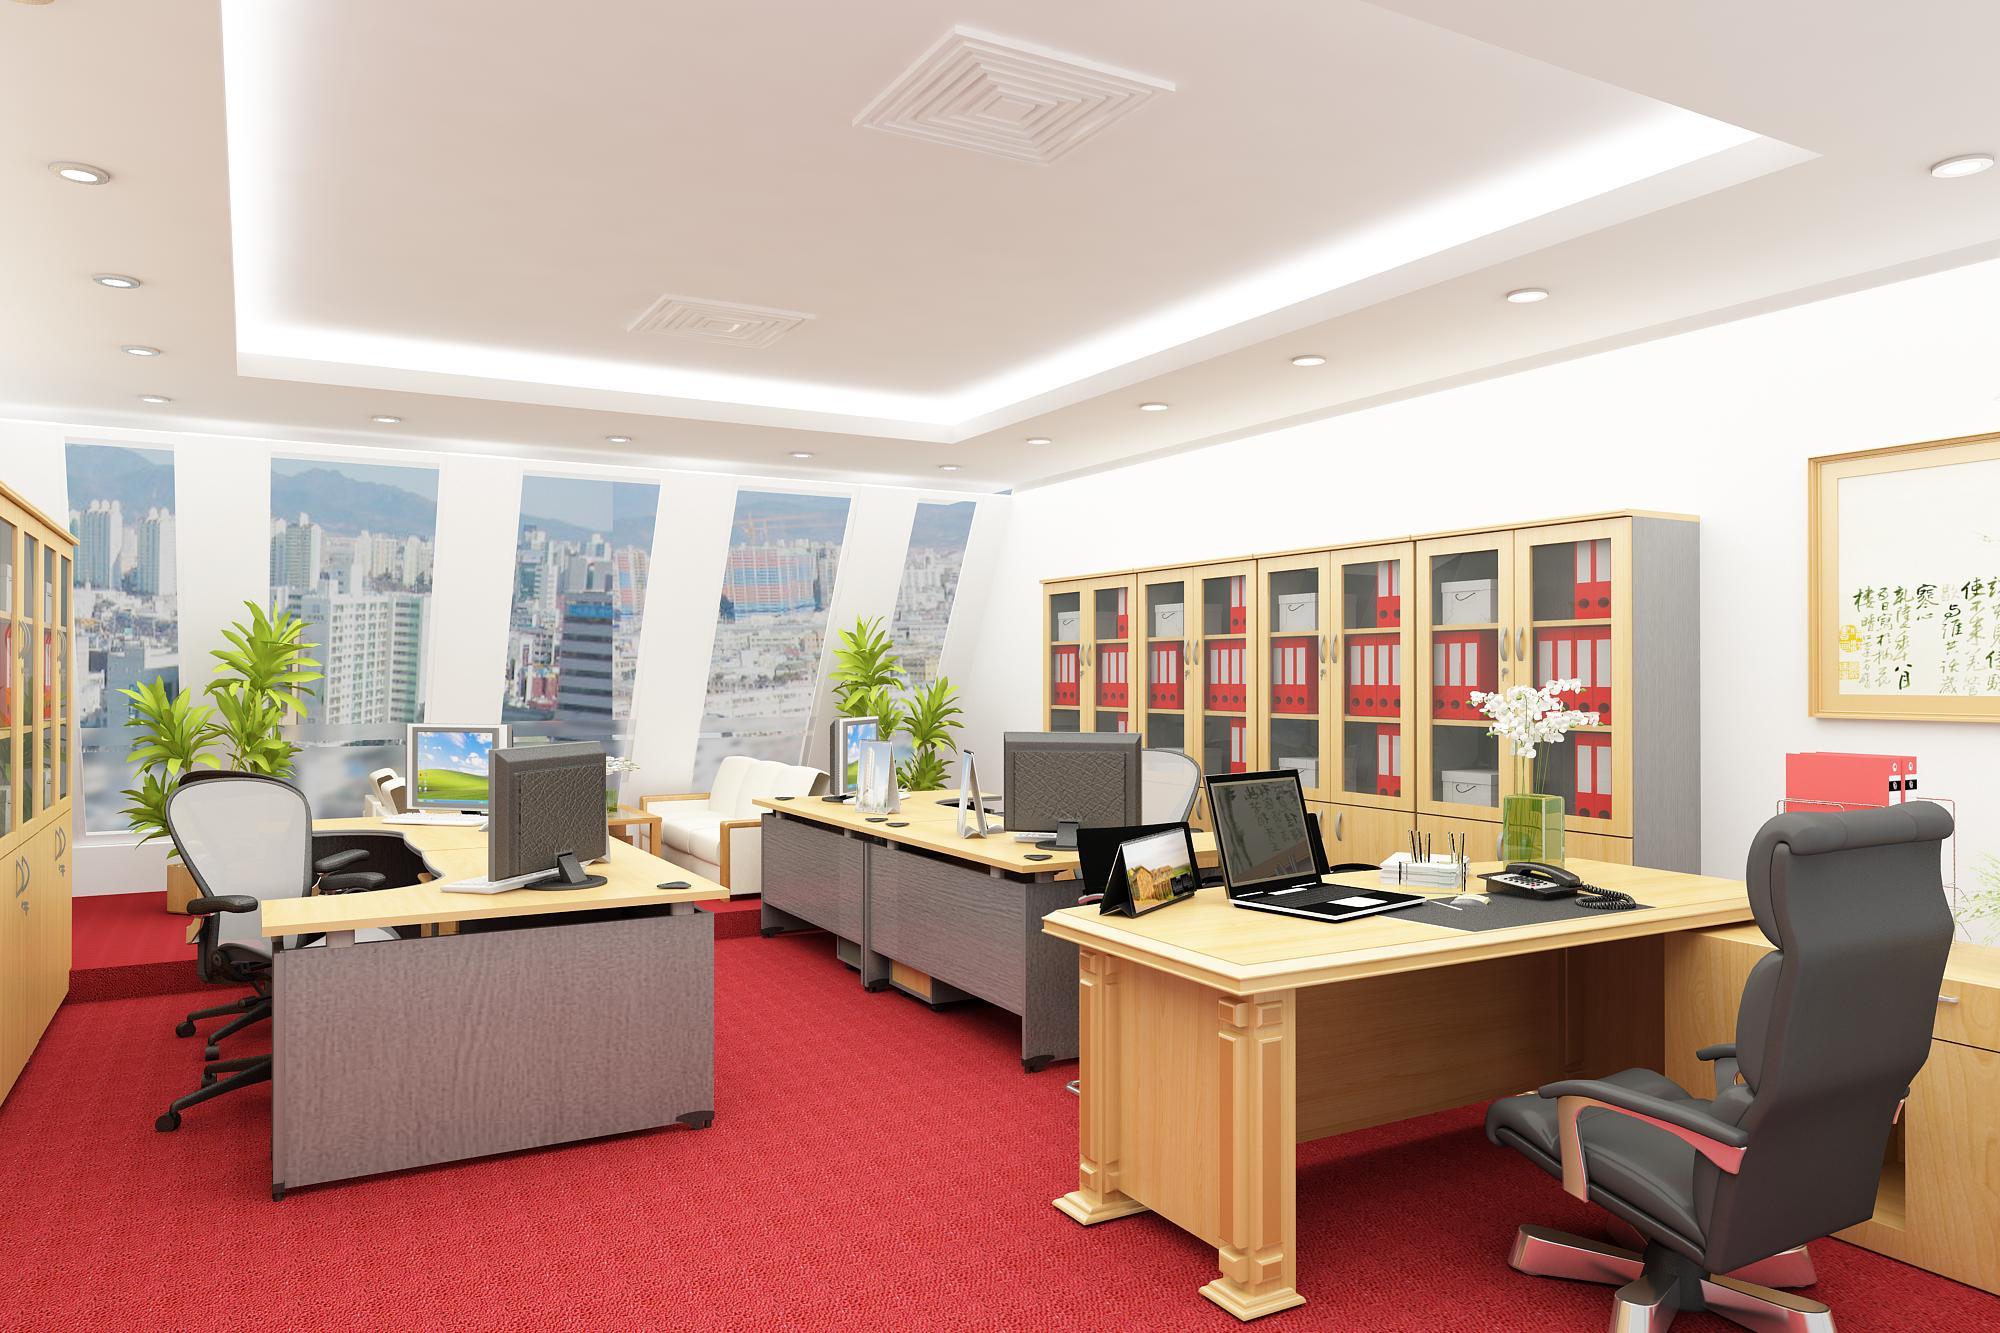 Thủ tục thành lập văn phòng điều hành của nhà đầu tư nước ngoài trong hợp đồng BCC